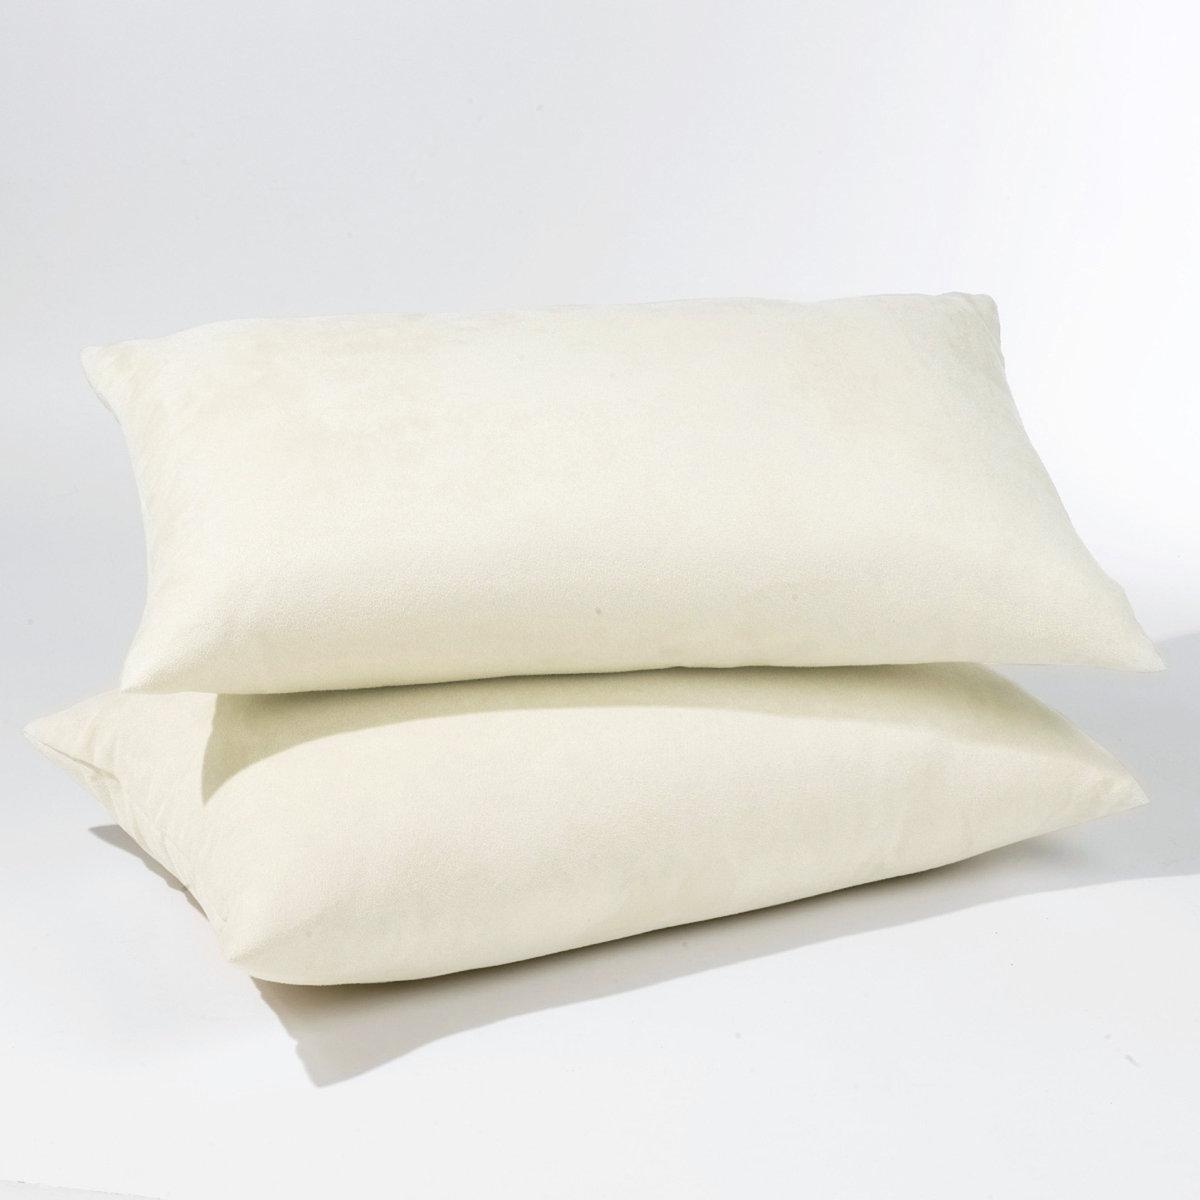 Комплект из 2 чехлов для подушек из поликоттона,ASARET